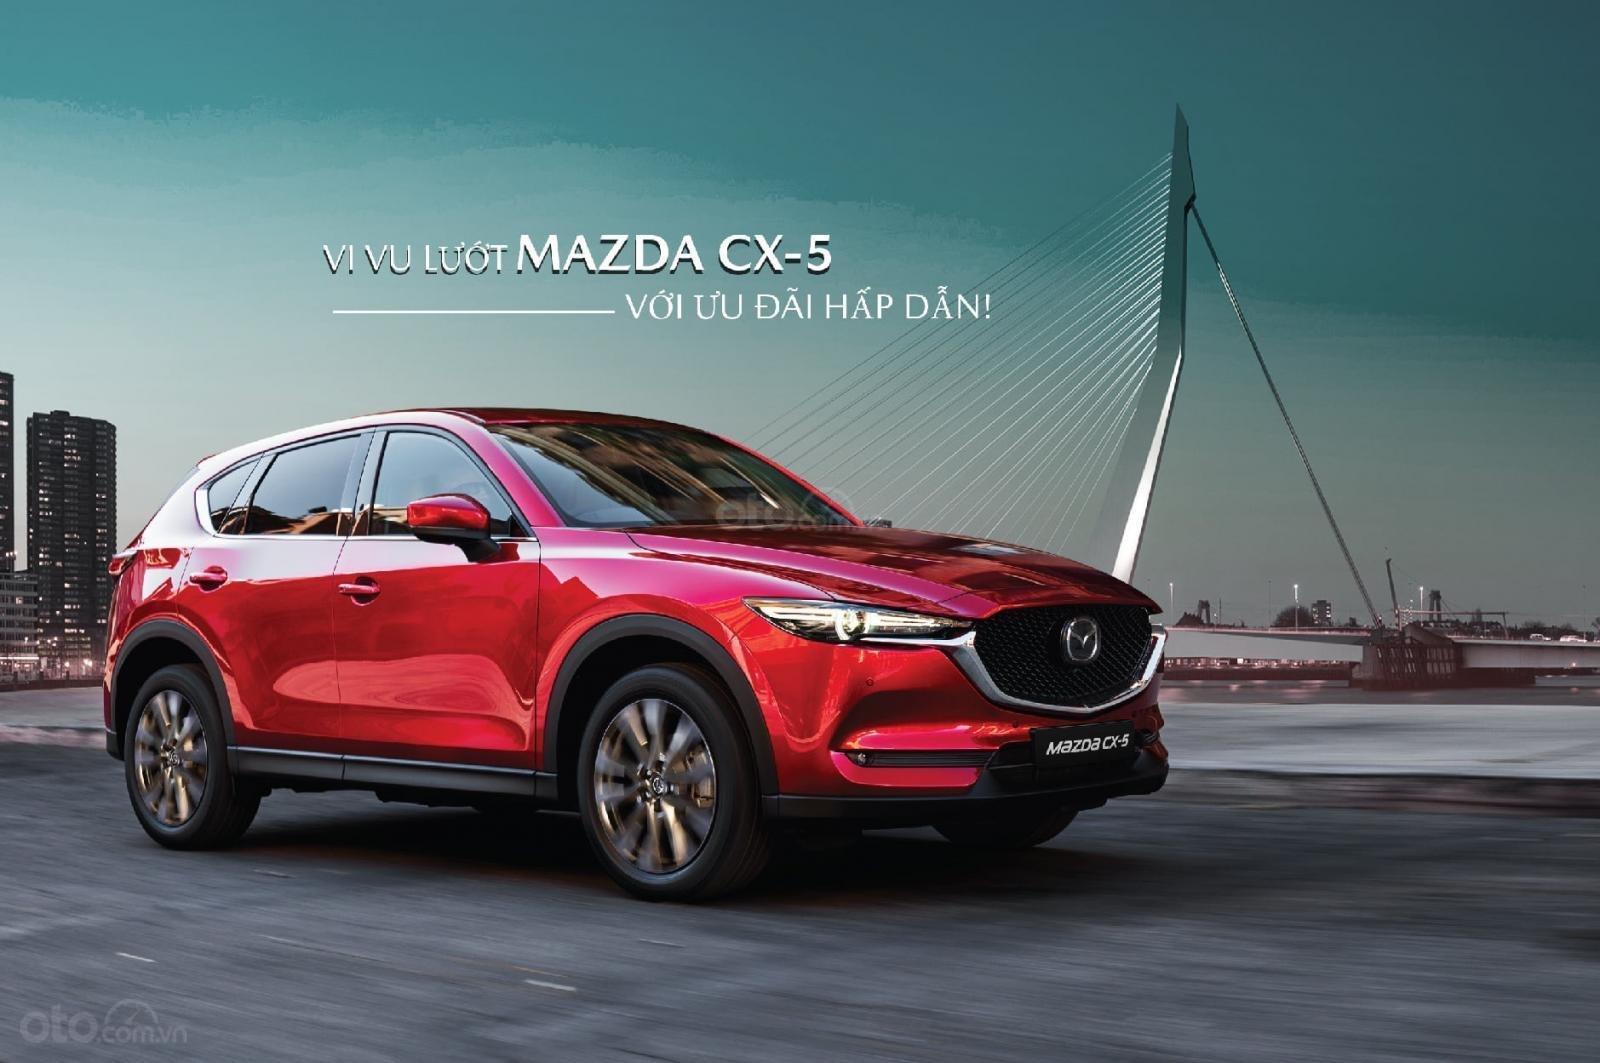 [Mazda Bình Triệu] bán Mazda CX-5 2019 giảm ngay 50 triệu. Gọi ngay 0345309502 ưu đãi thêm (1)